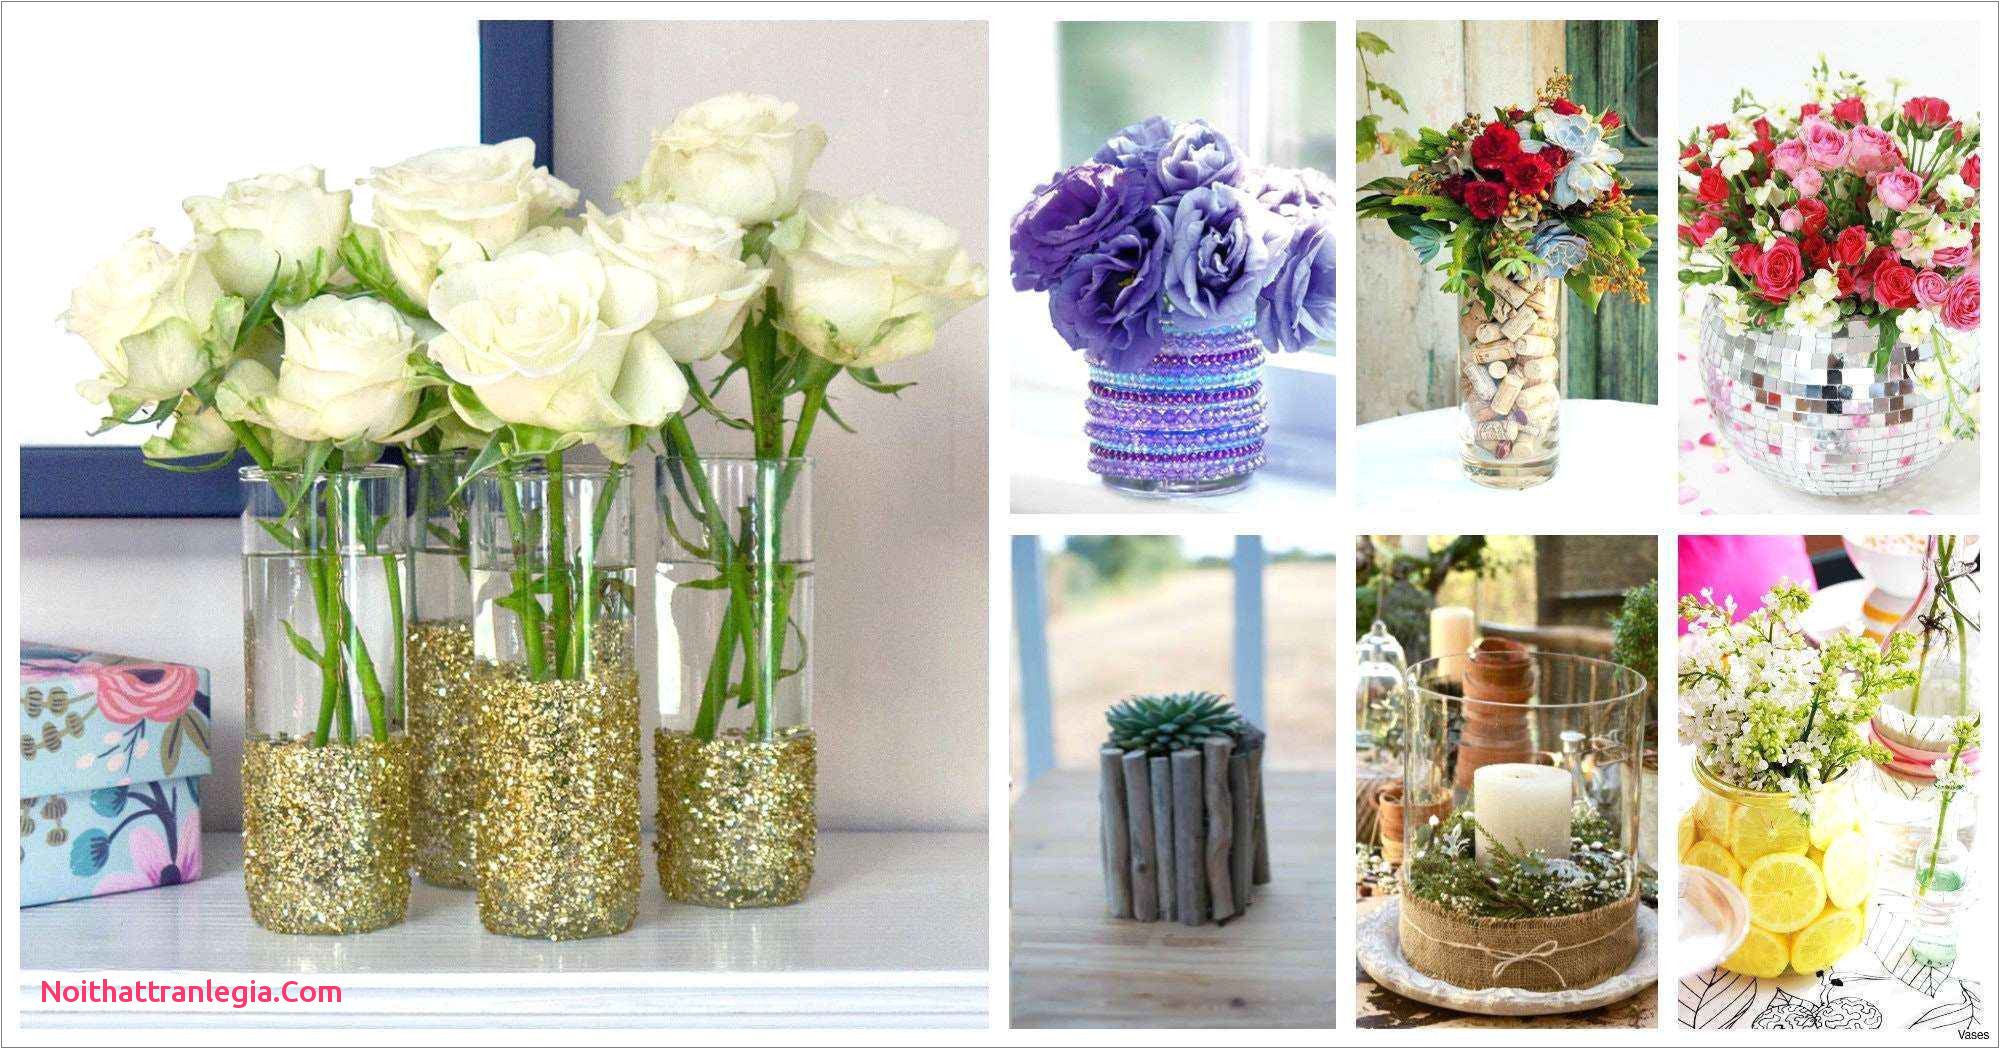 bud vase wholesale dsc h vases square centerpiece dsc i 0d cheap ideas with unique into